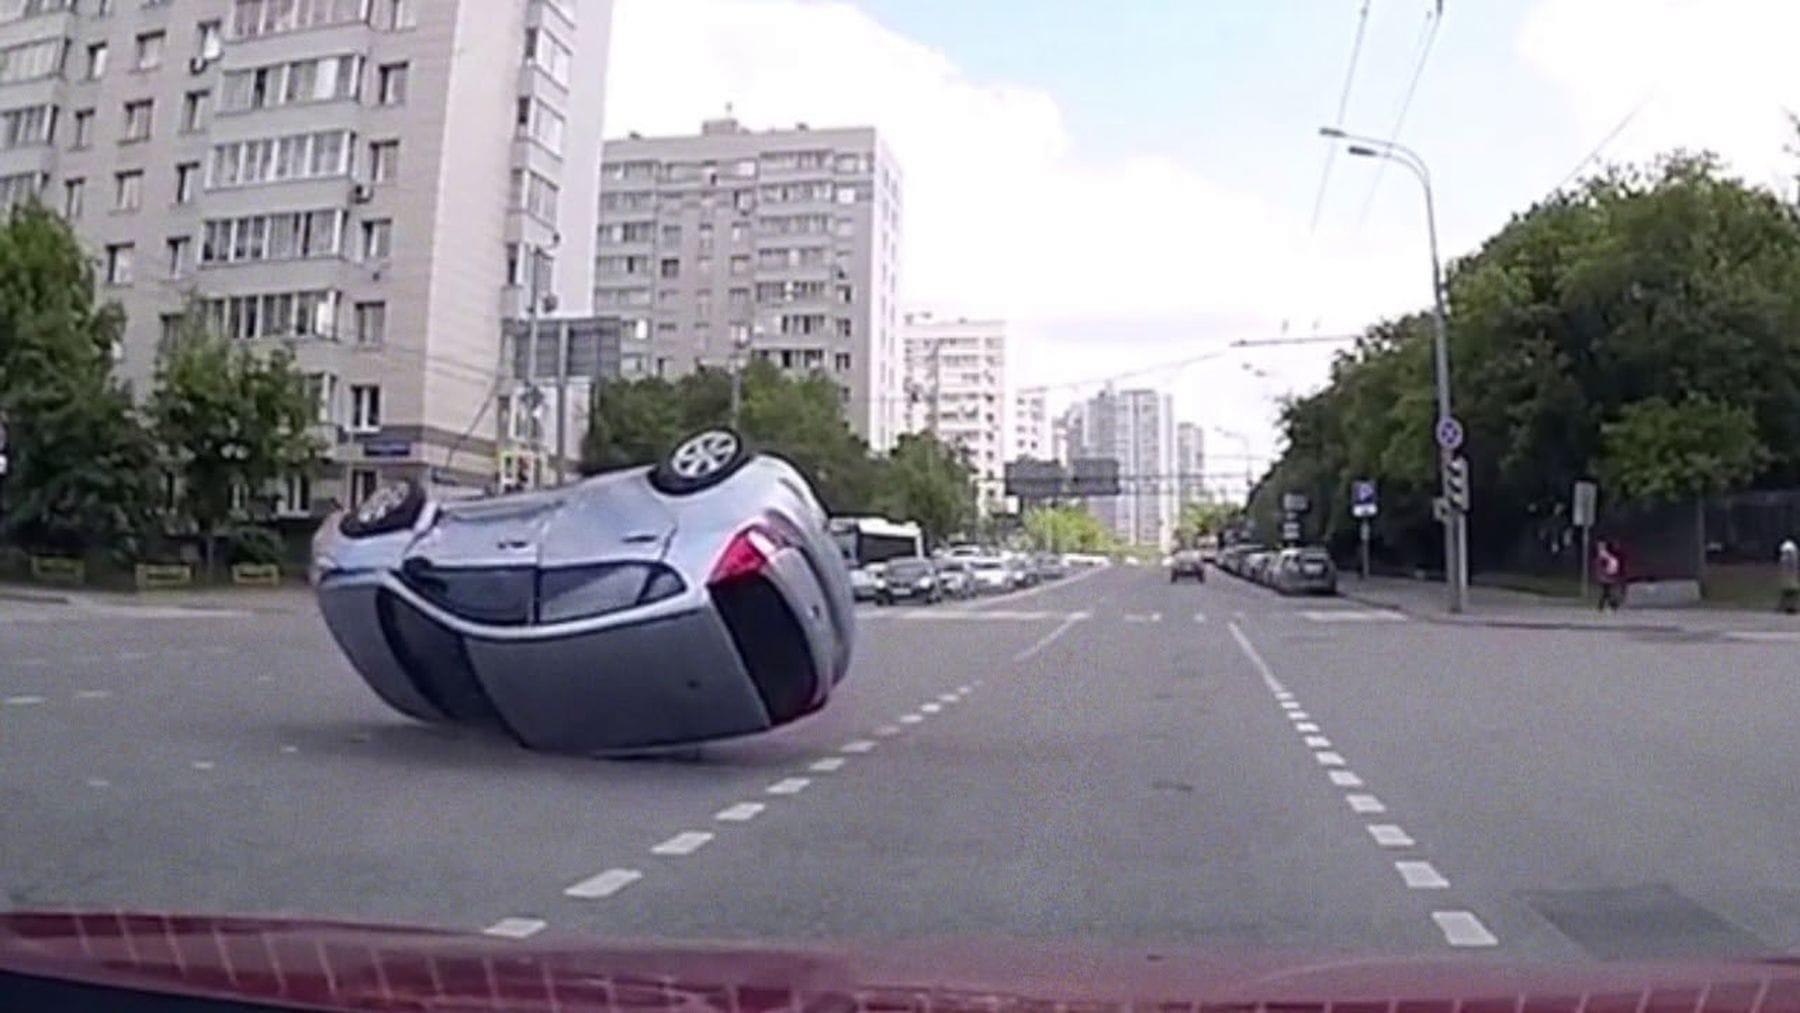 Auto-Unfälle ohne zweites Unfallauto | WTF | Was is hier eigentlich los?